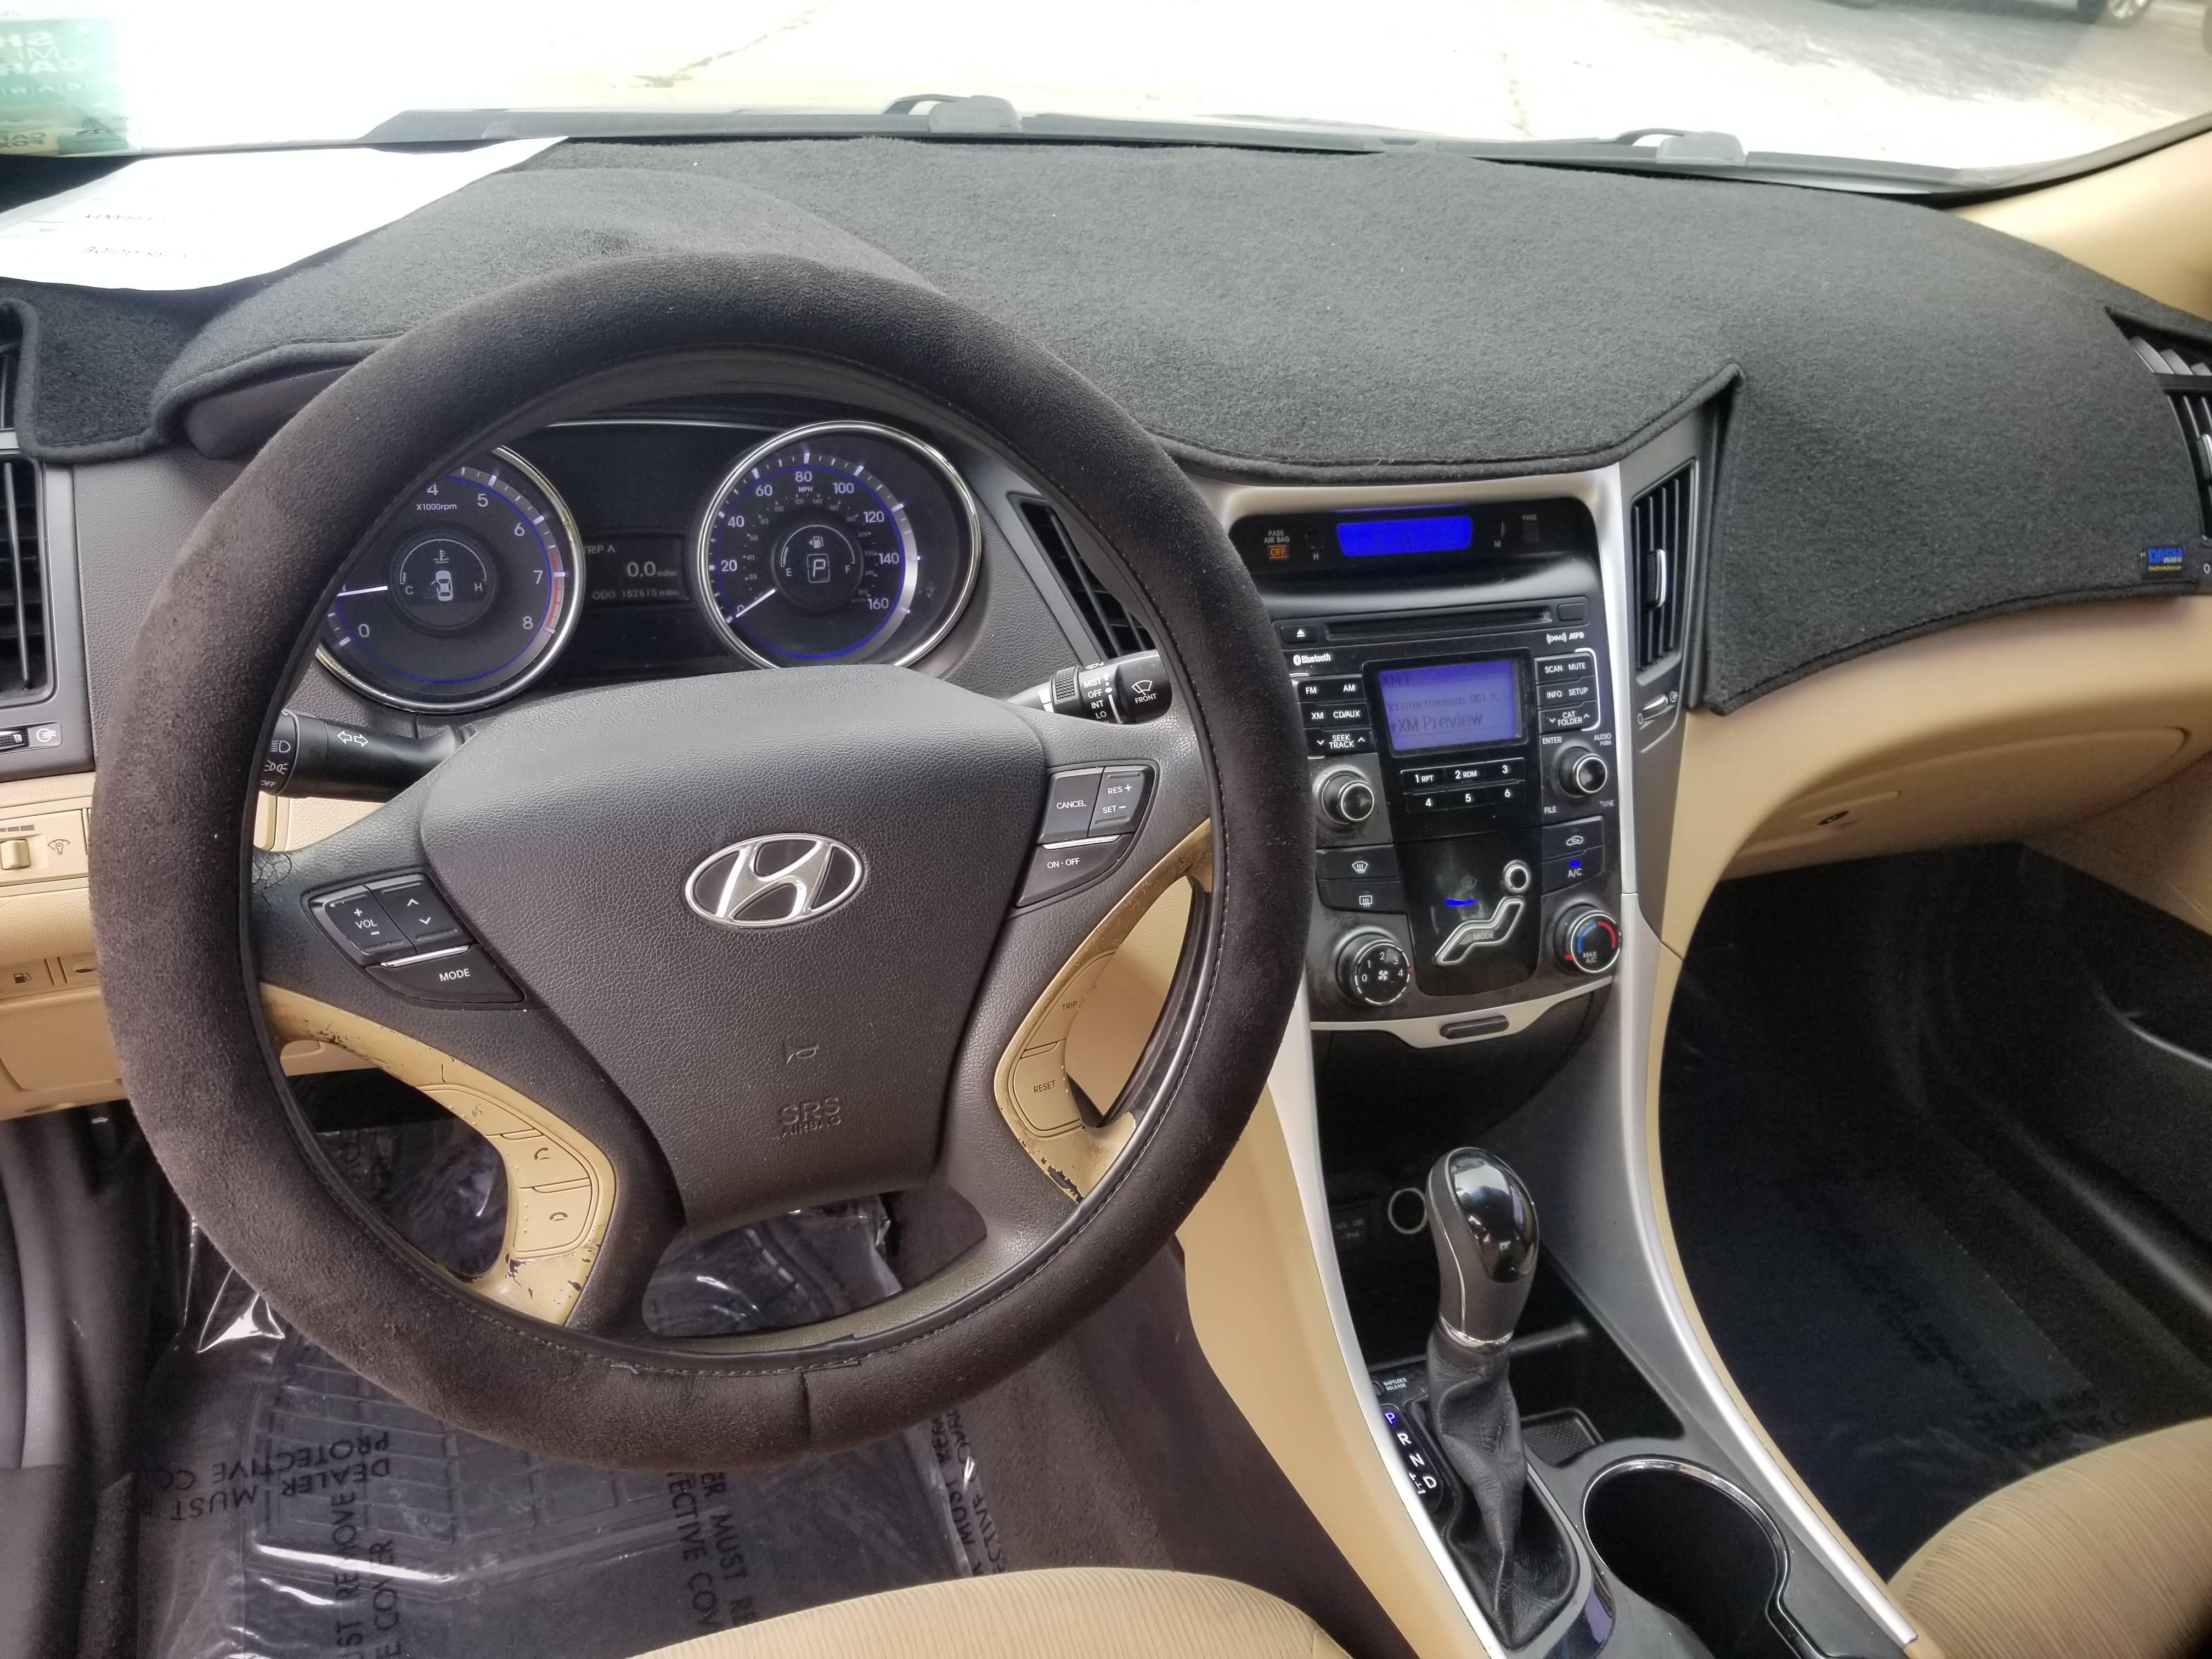 used vehicle - Sedan Hyundai Sonata 2011